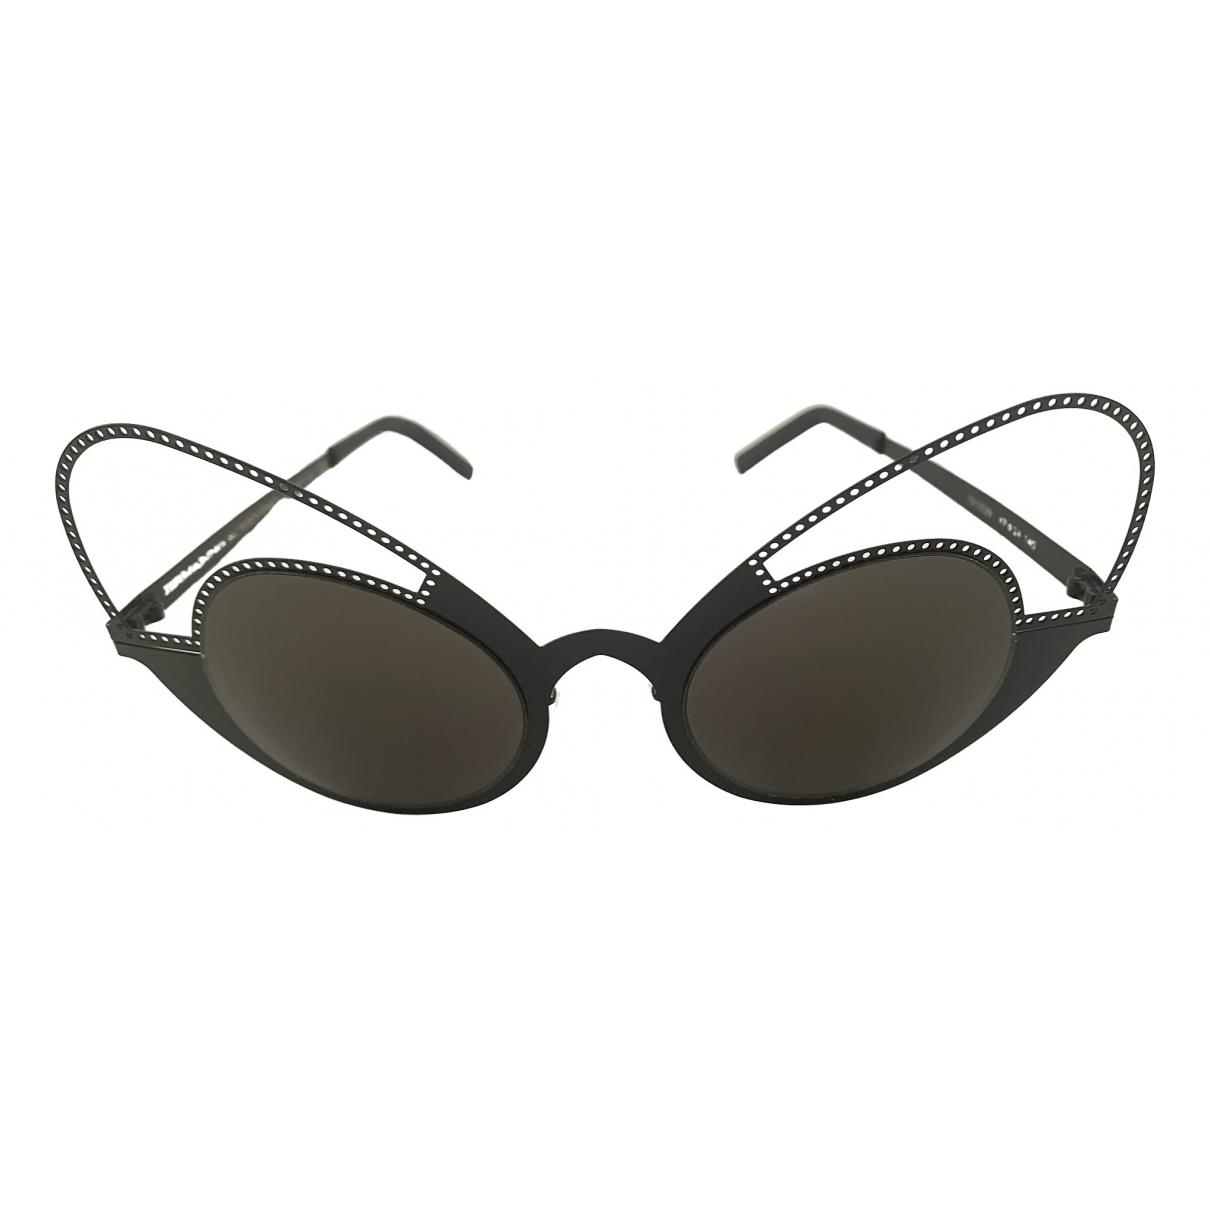 Ermanno Scervino \N Sonnenbrillen in  Schwarz Metall